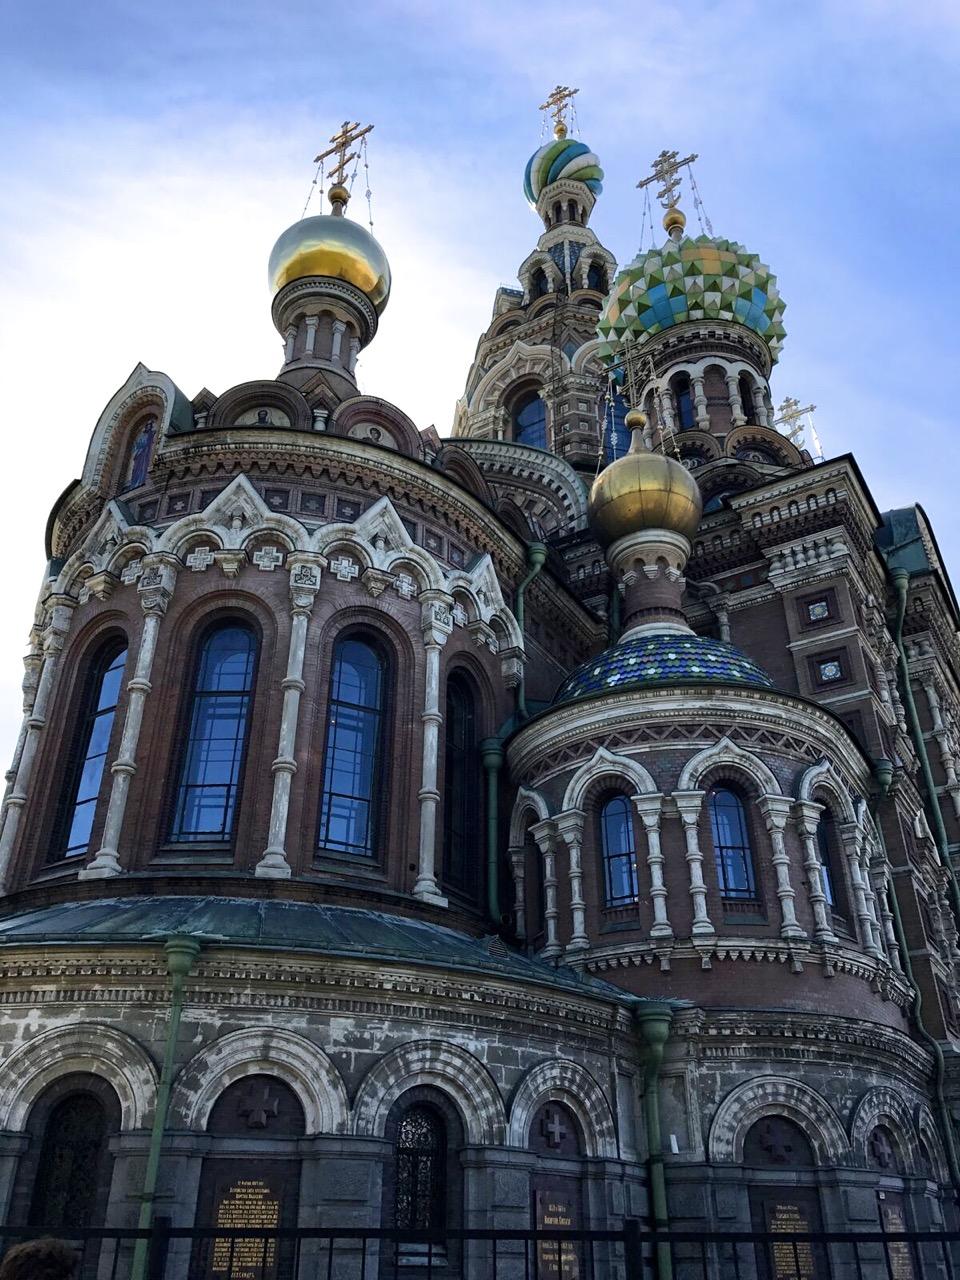 teri_St.Petersburg_St.Isaacs_Churchofspilledblood_travel_spiritedtable_photo04.jpg